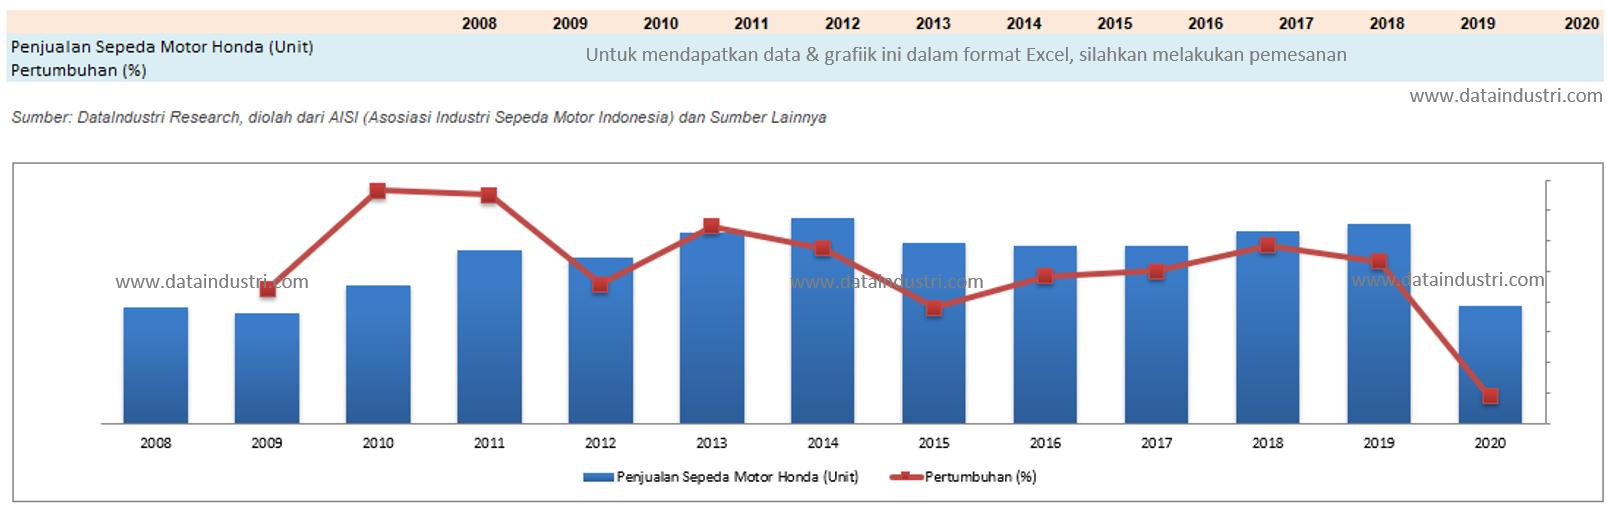 Tren Data Penjualan Motor Honda di Indonesia, 2008 – 2020